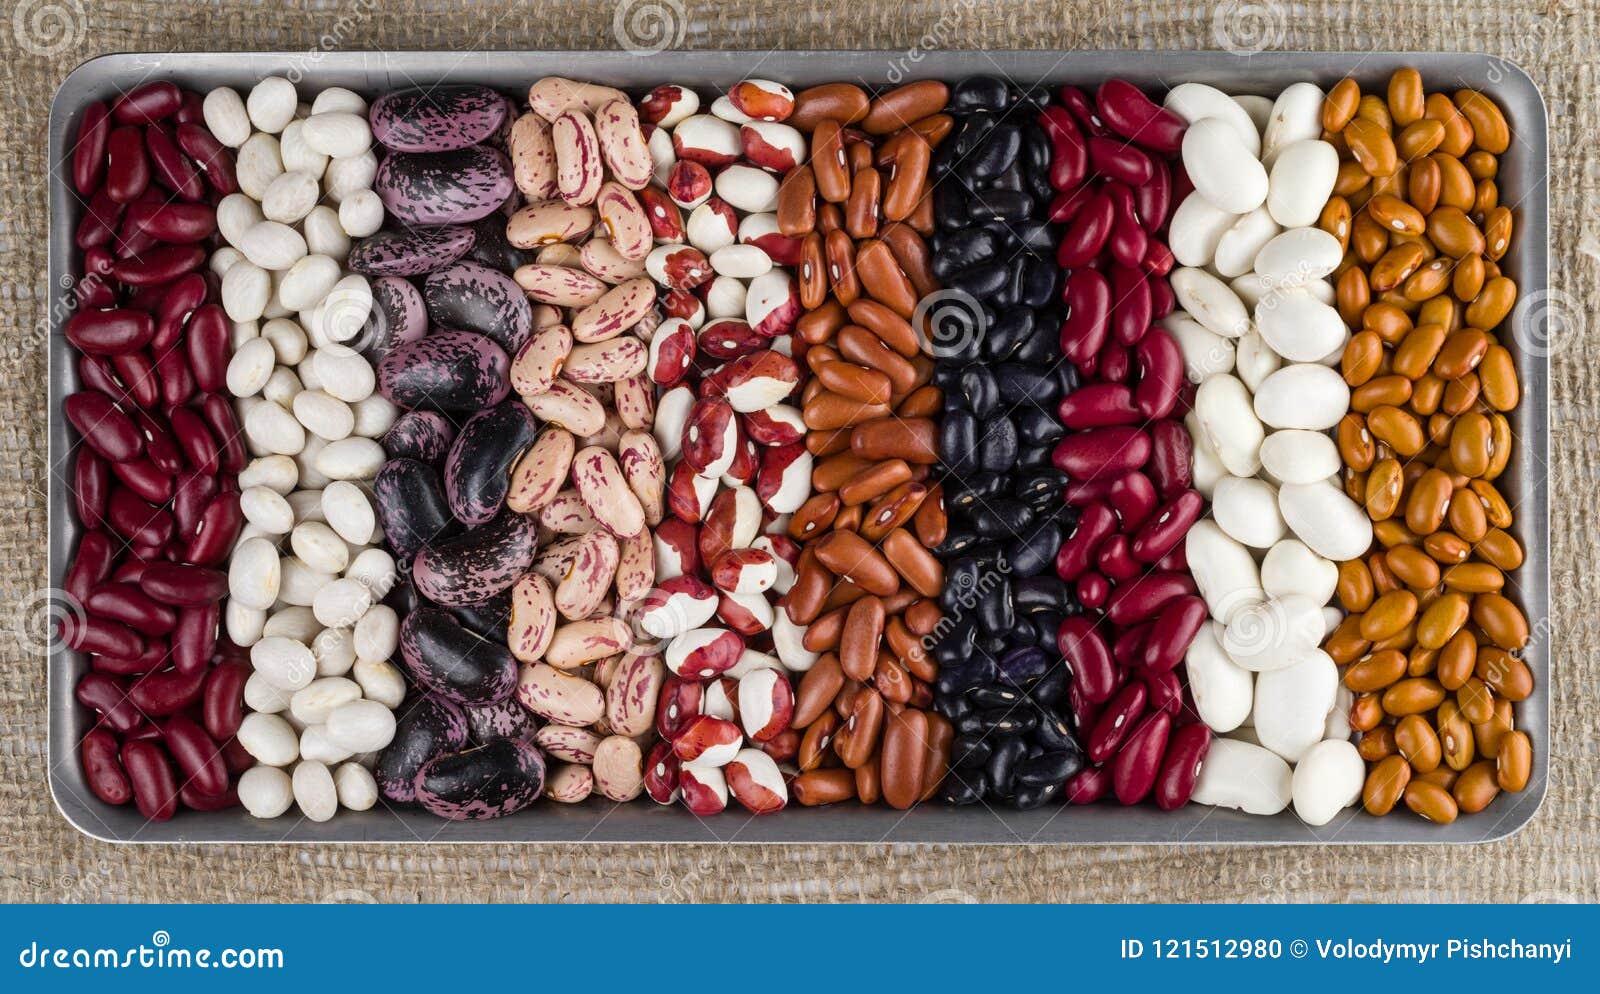 Différentes variétés de haricots nains dans la perspective de la texture approximative de la toile de jute